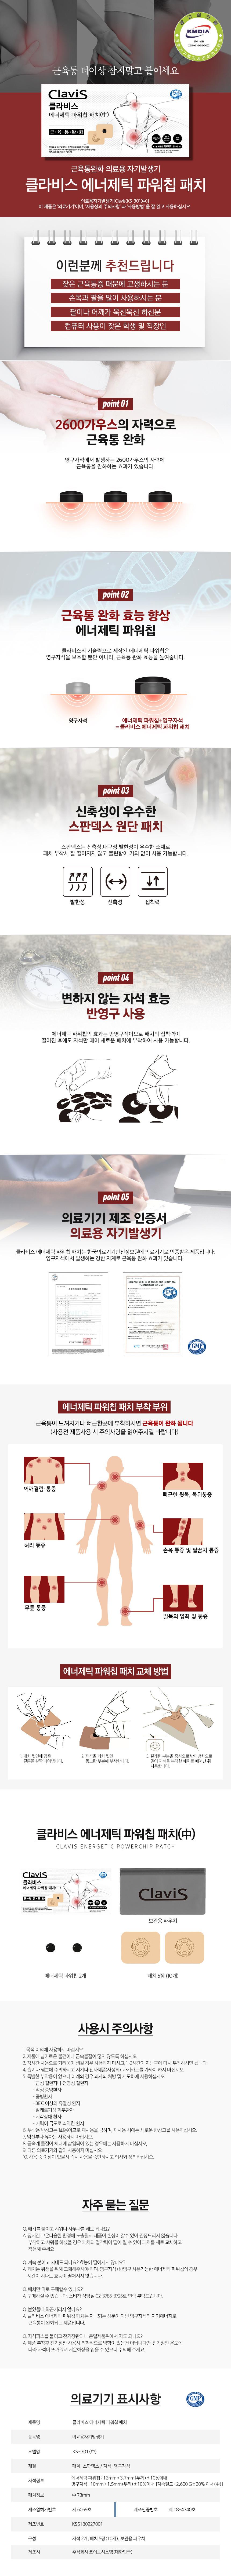 ★패치웹기술서(중).jpg